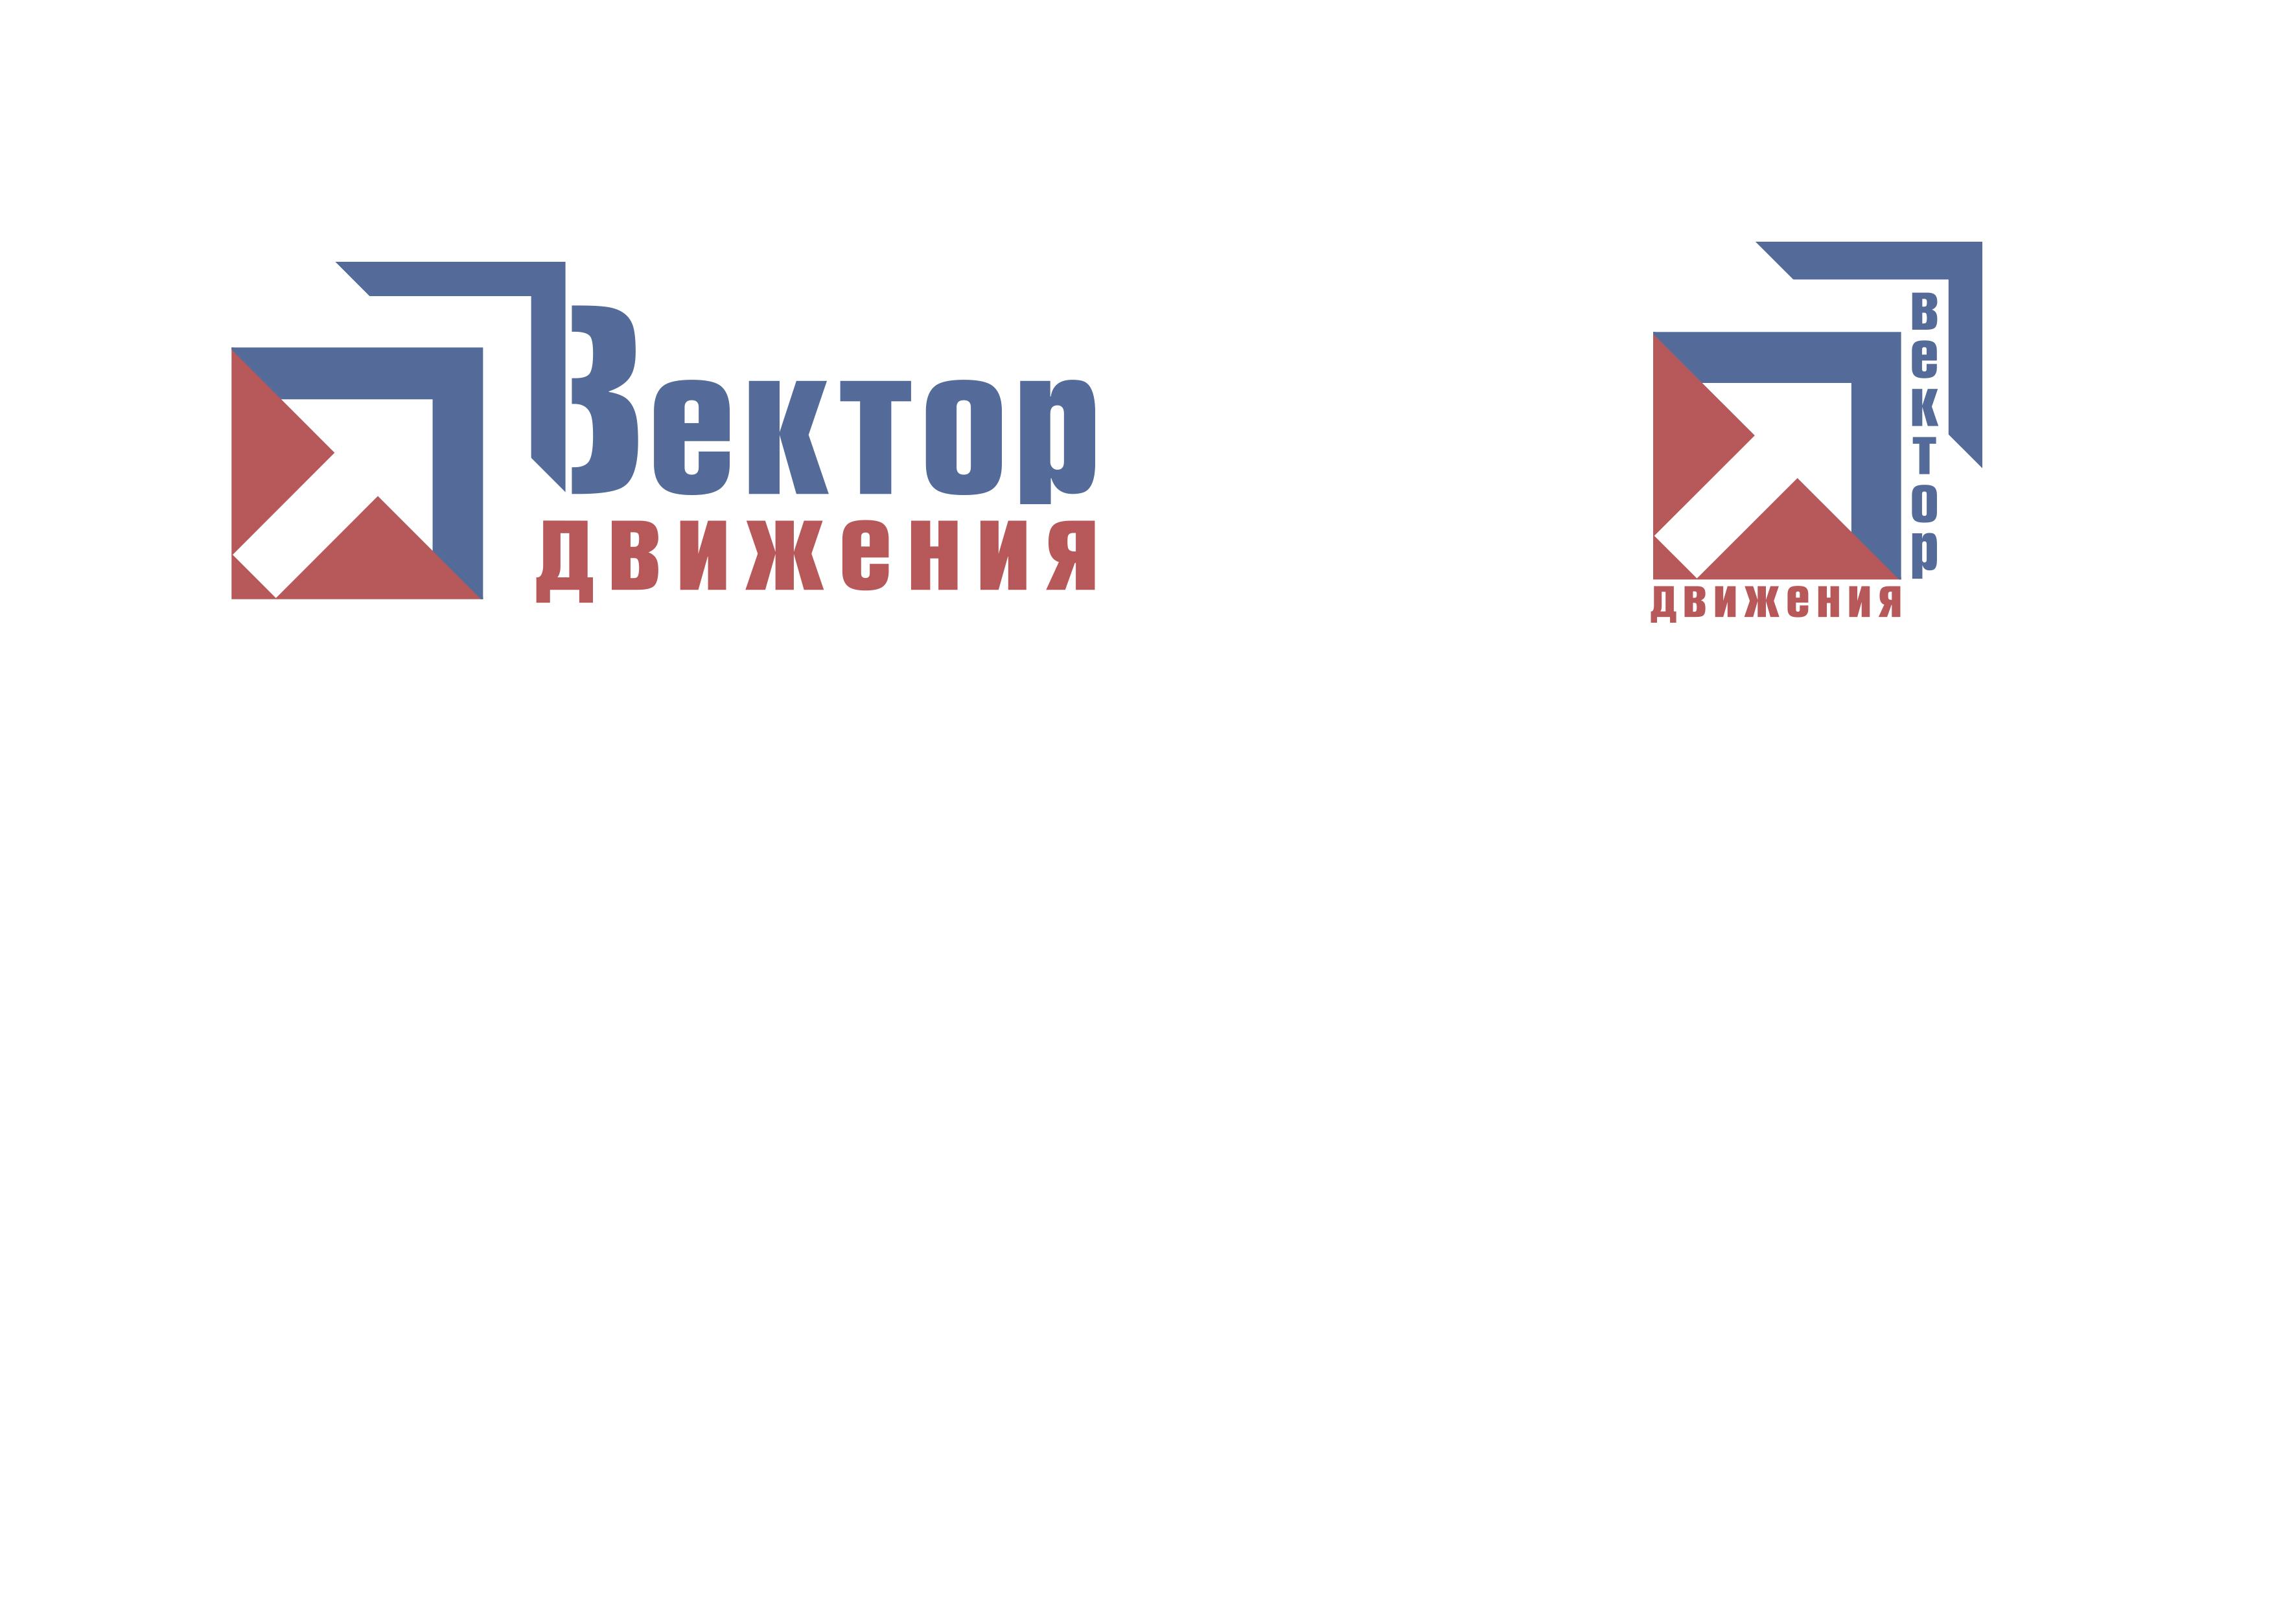 Разработка логотипа фото f_7505c3081fd55dfd.jpg